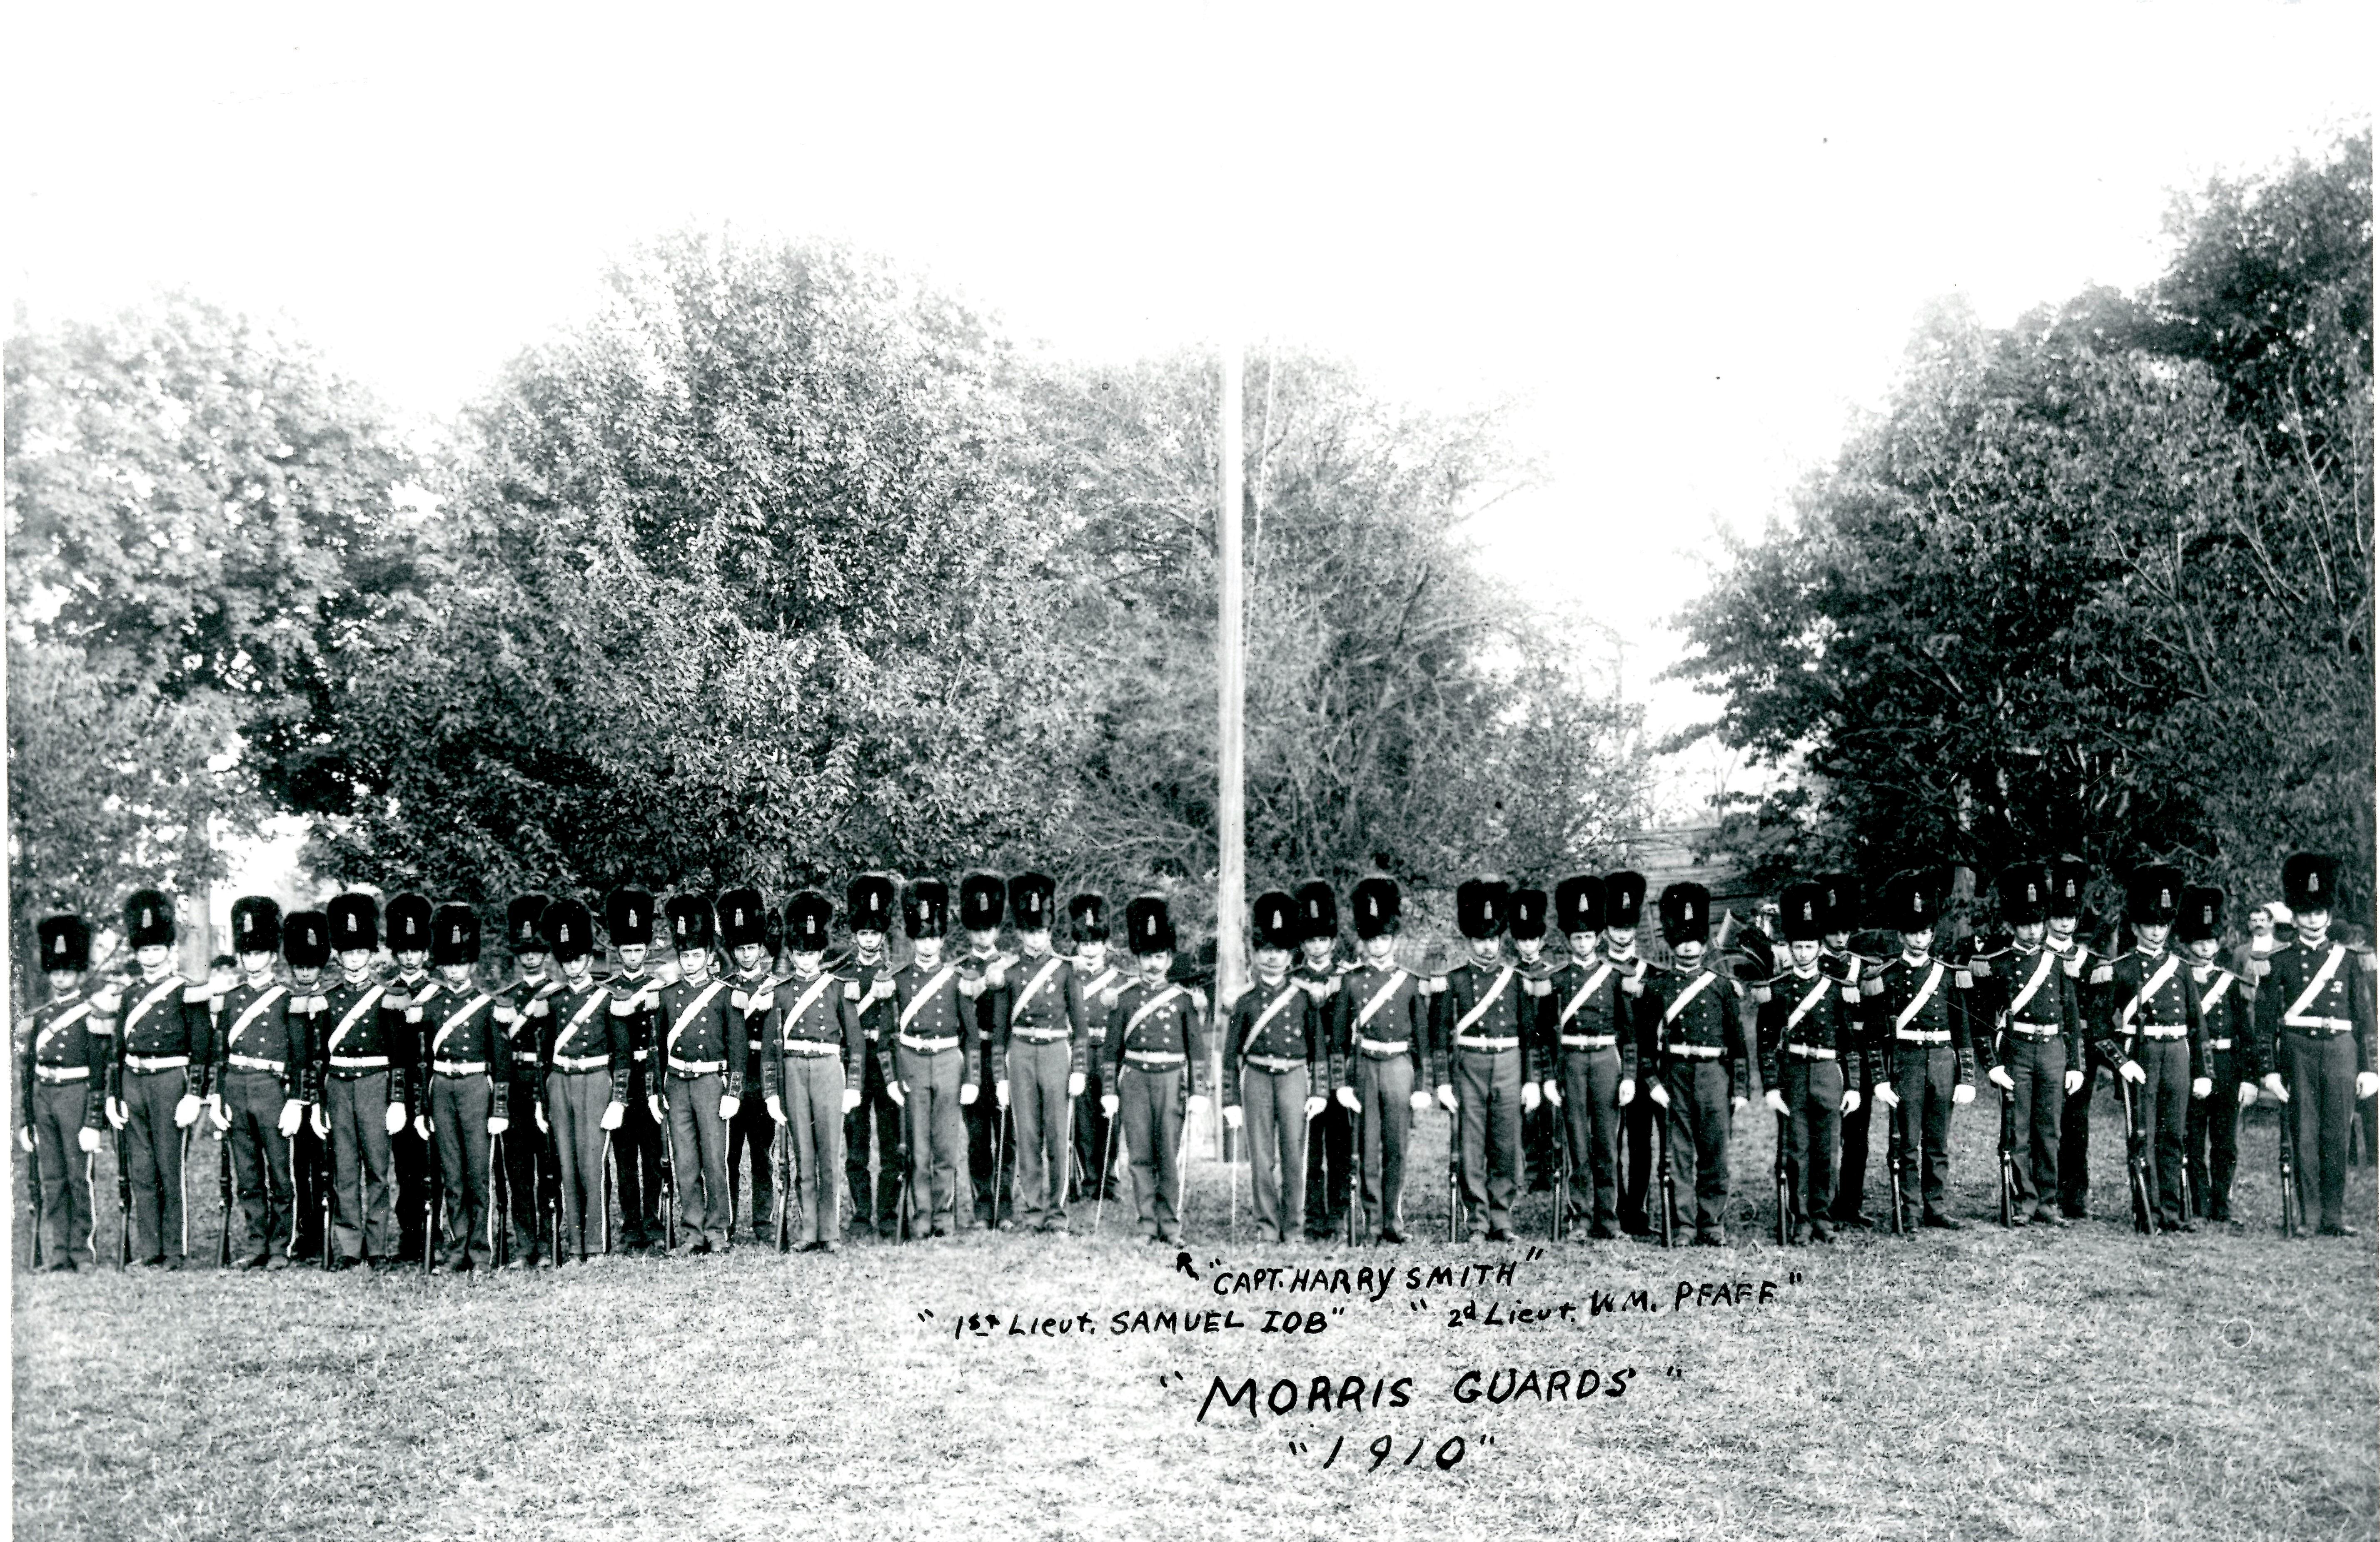 Morris-Guards-1910